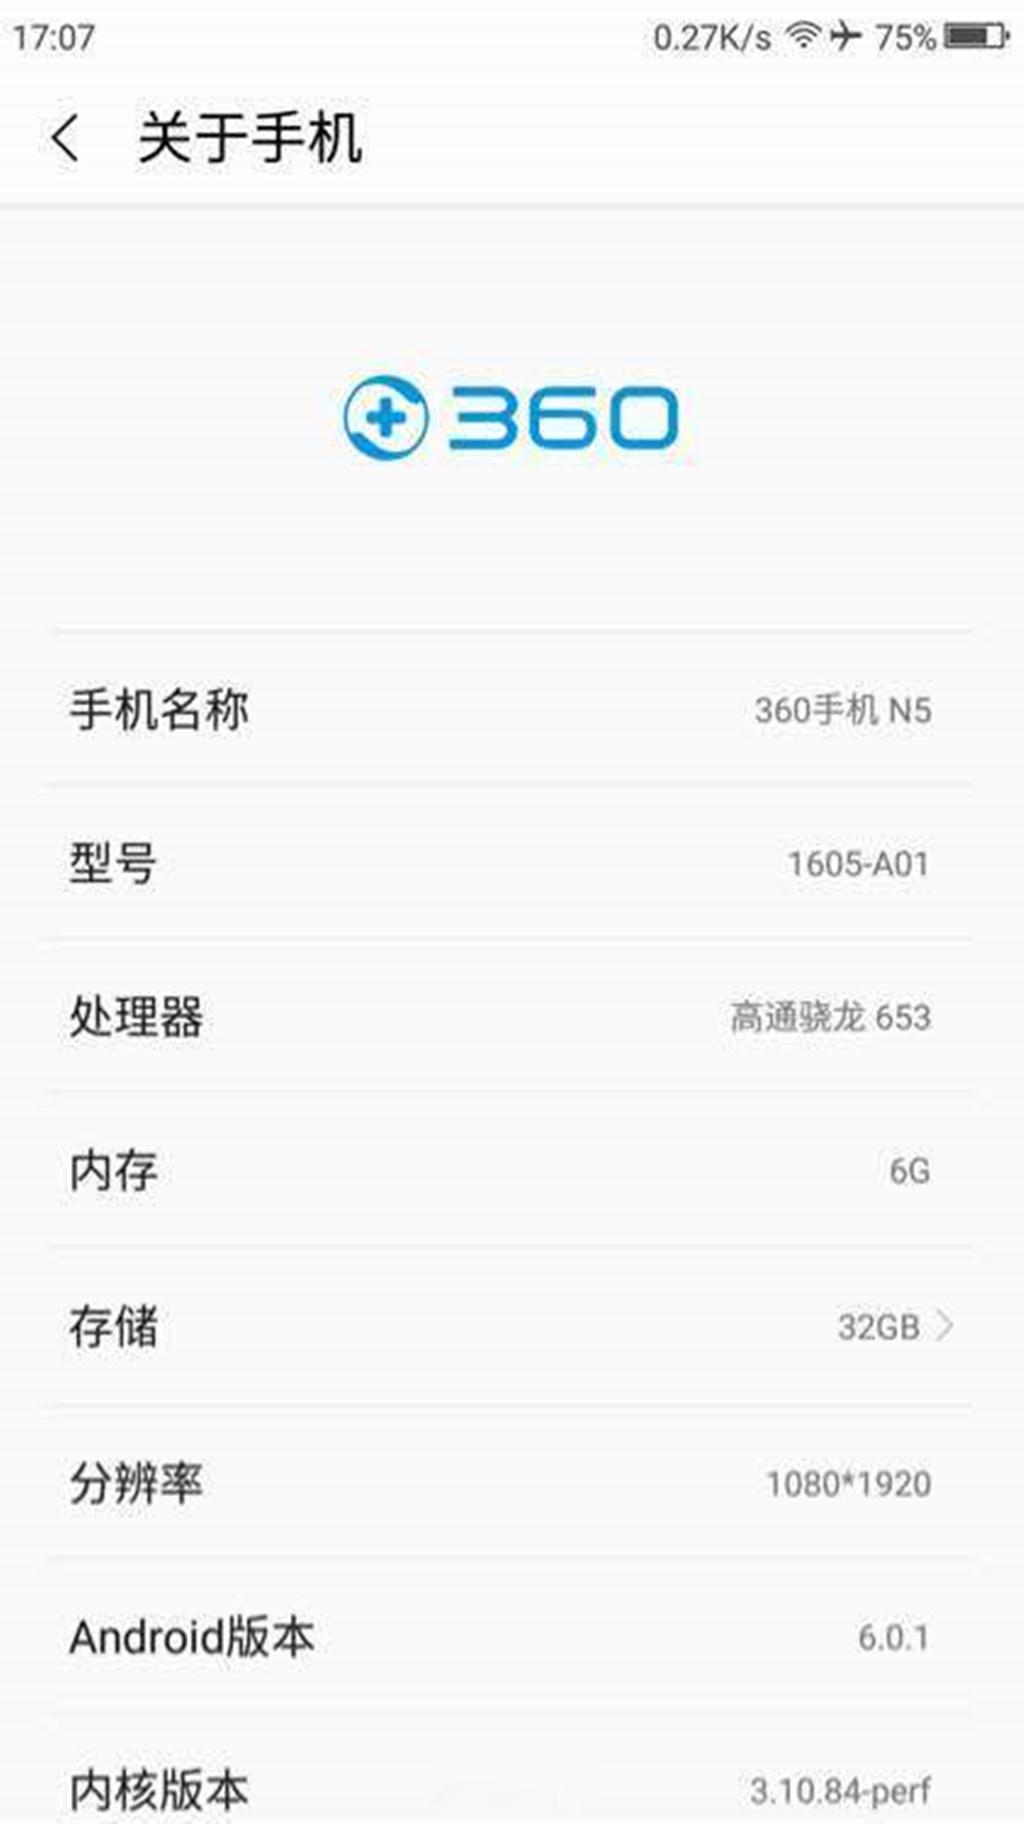 360神秘新机360 N5配置曝光 高通骁龙653+6GB超大运存